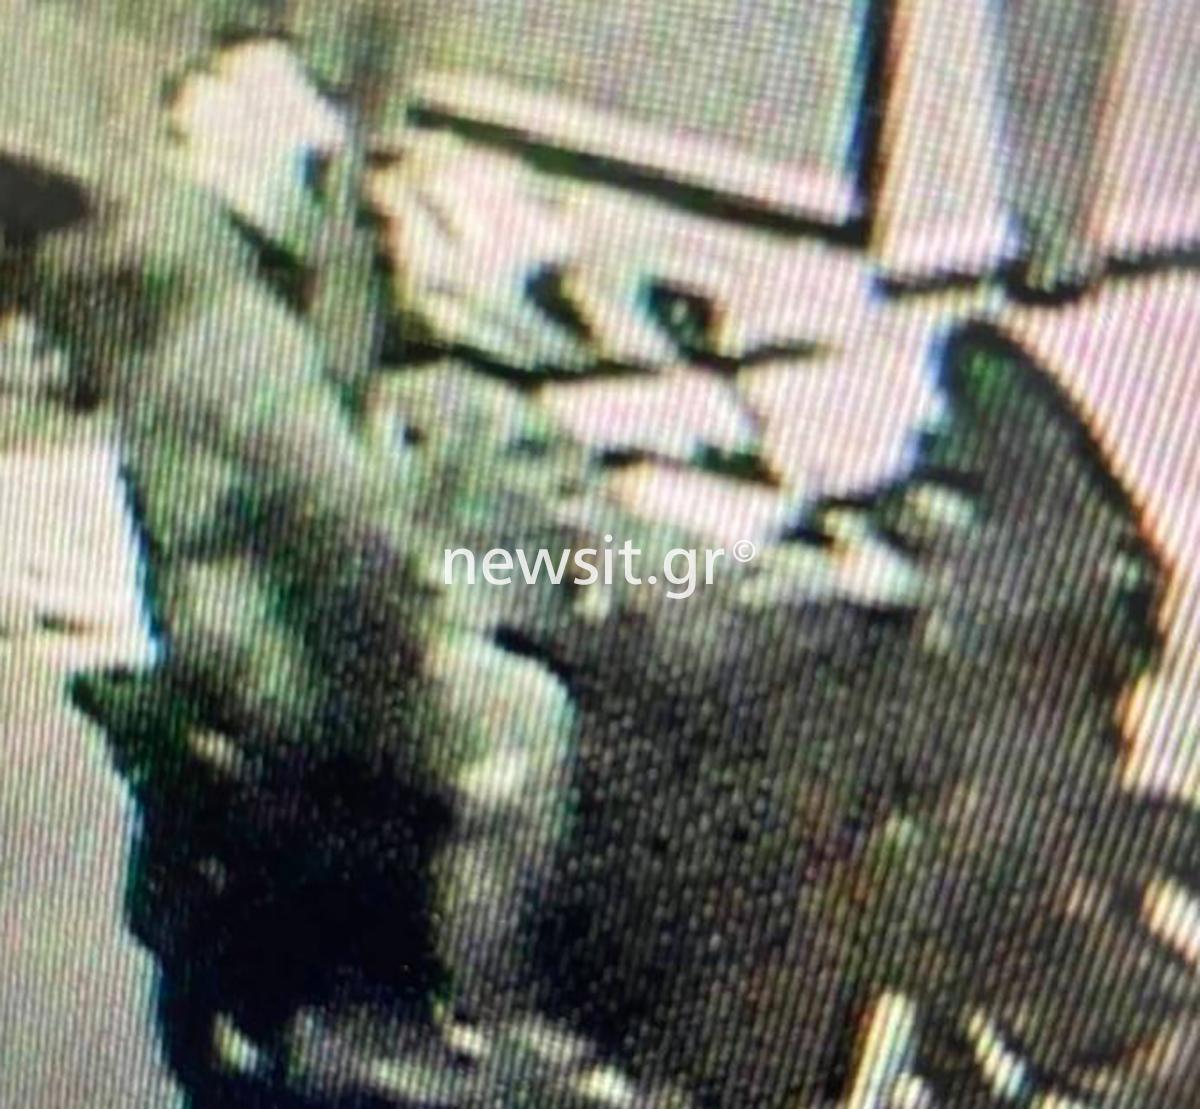 Ζάκυνθος:Ο Ντίμης Κορφιάτης ήξερε τους δολοφόνους του – Φωτογραφία ντοκουμέντο